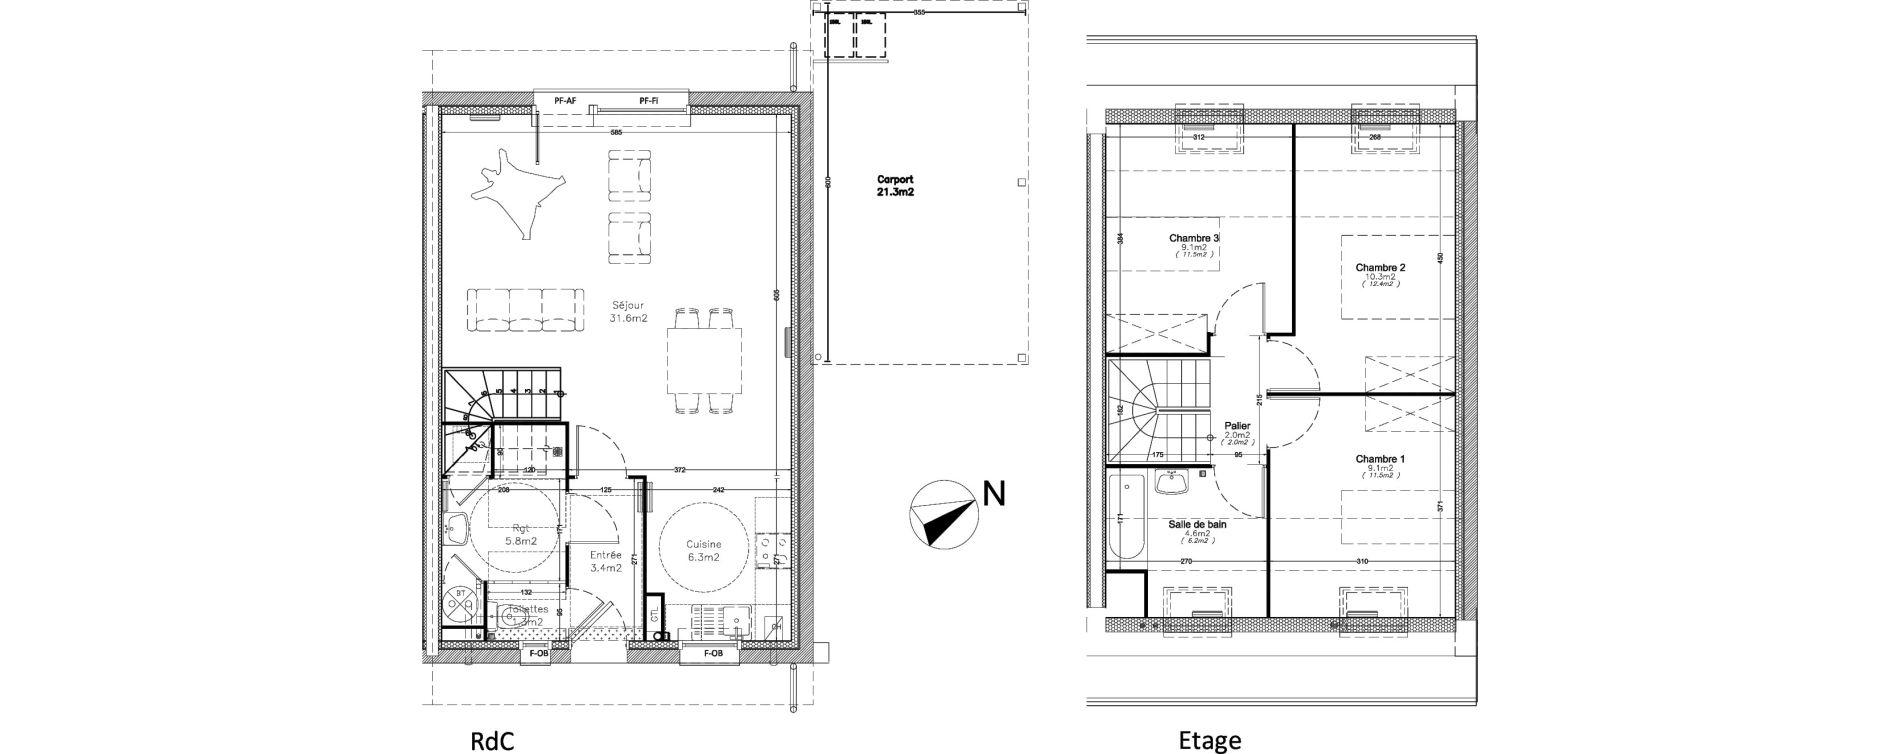 Maison T4 De 83 50 M2 1er Etage O Ecrin De Ville Maisons Valenciennes Ref 437